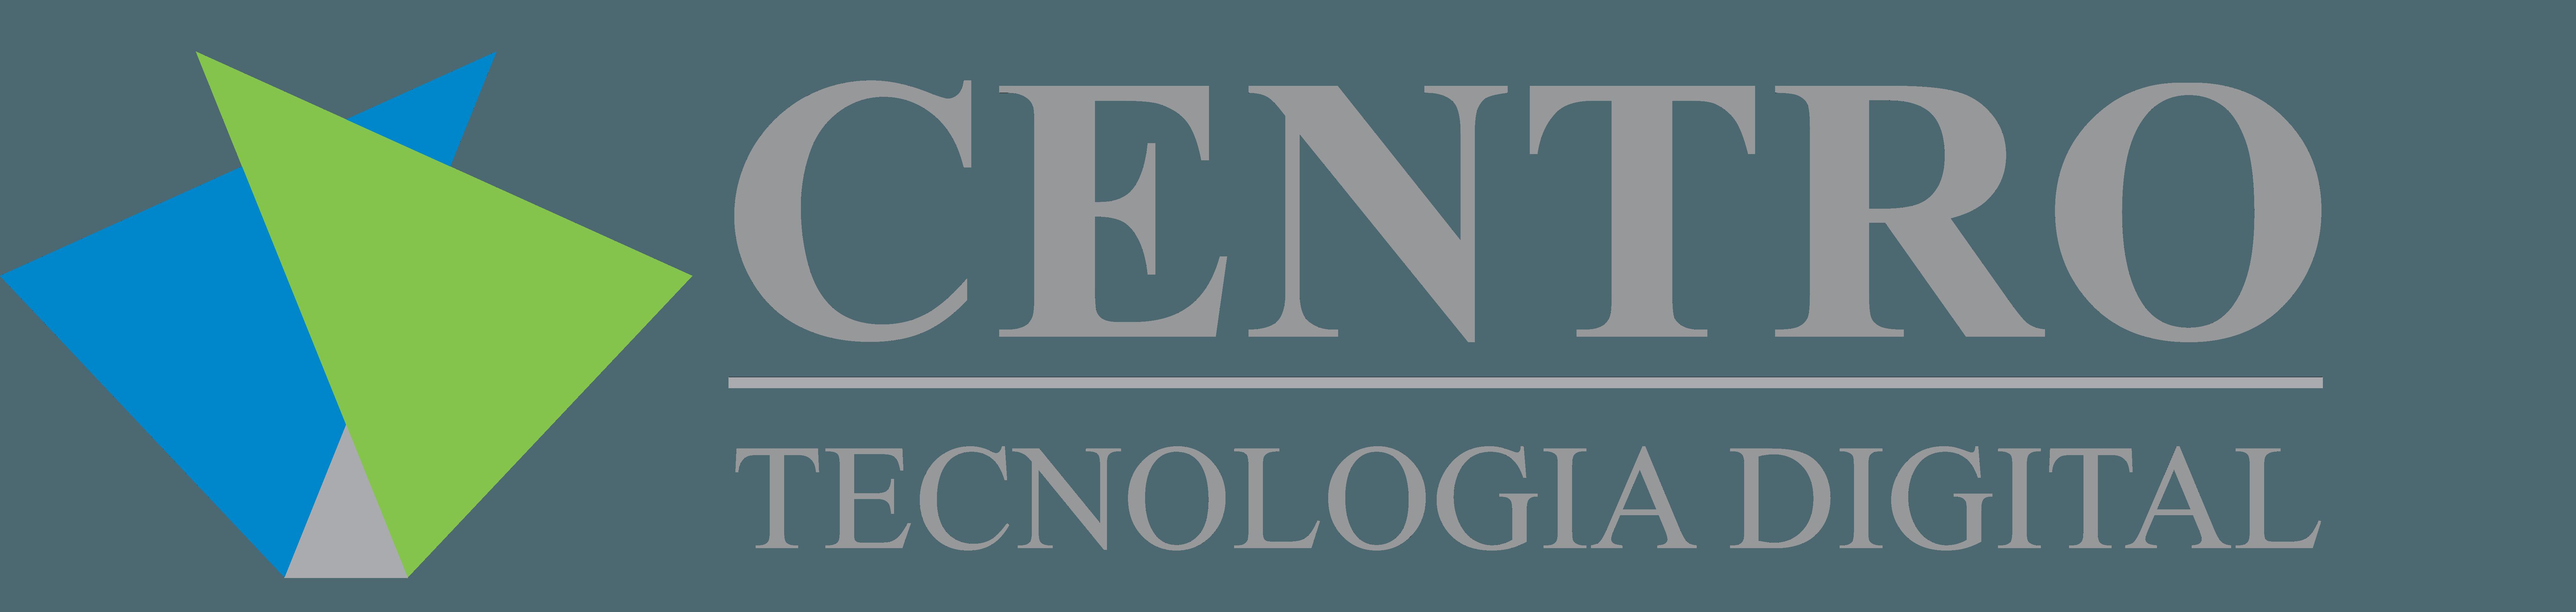 Centro Tecnologia Digital